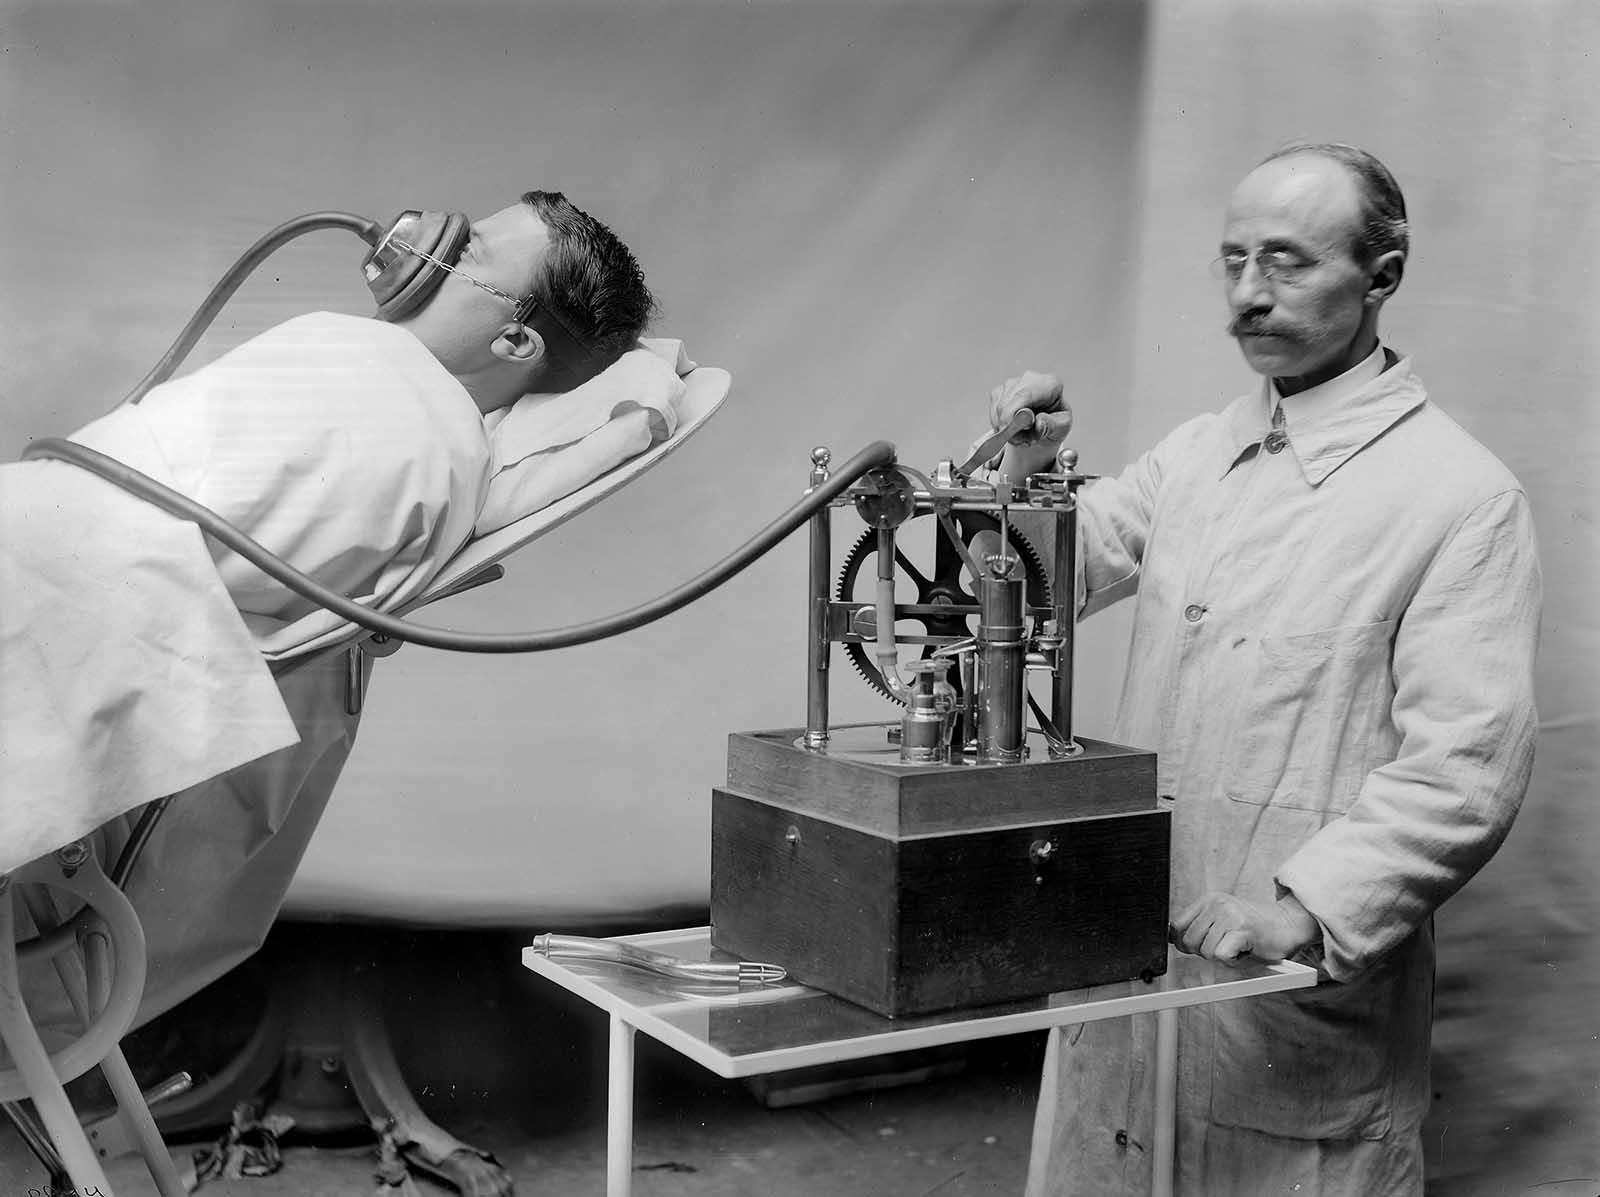 Máquina de anestesia R. Dubois en Francia, hacia 1913.